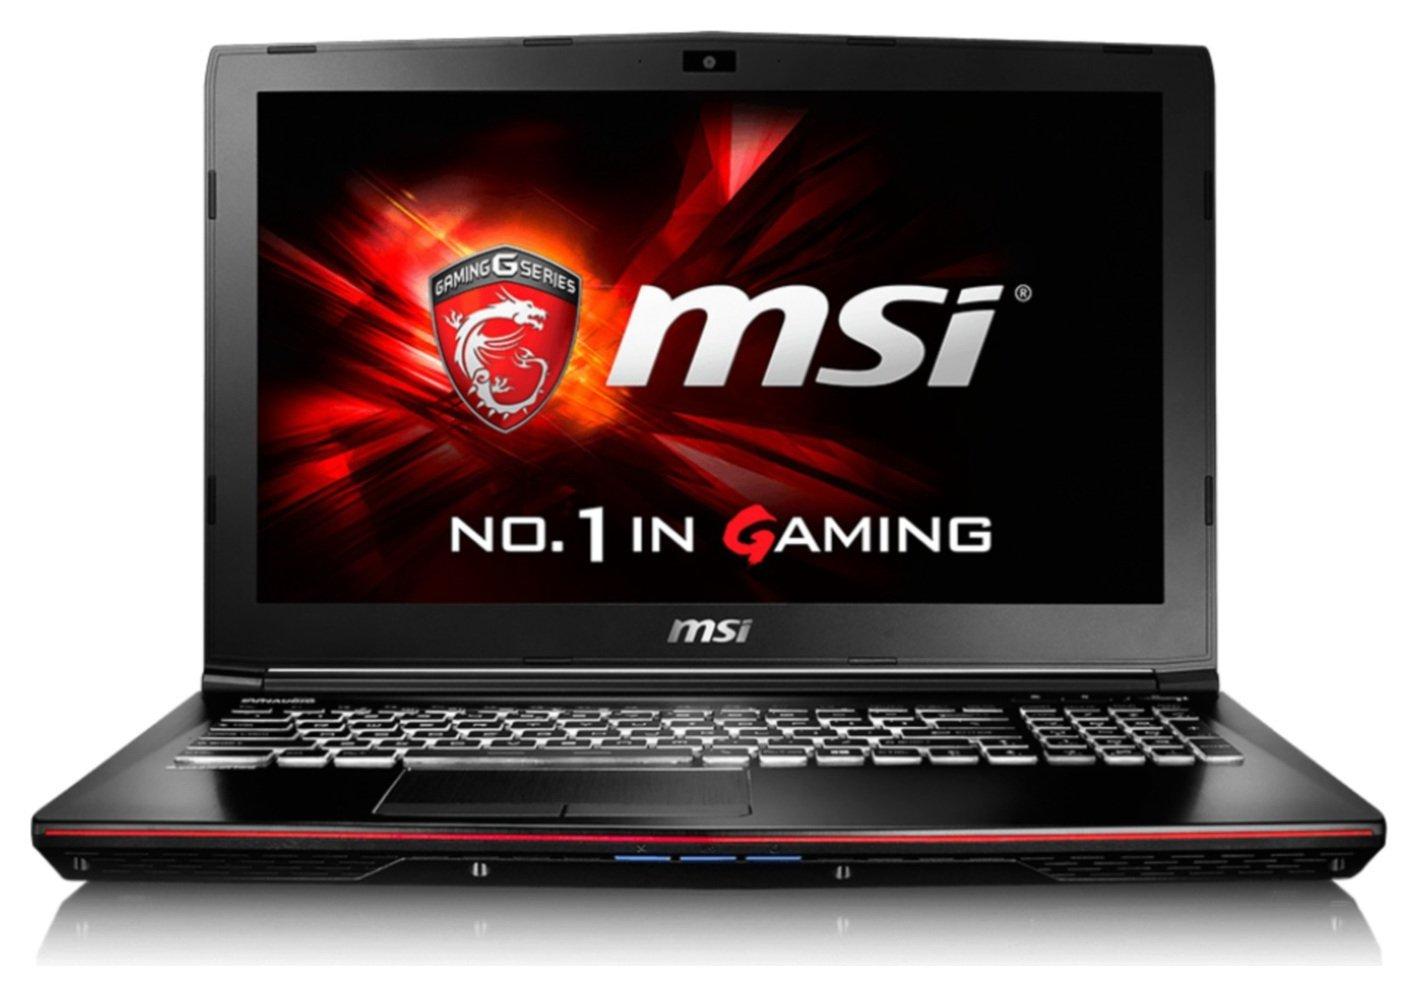 Image of MSI GE62 15.6 Inch i7 GTX950M 8GB 1TB Gaming Laptop.